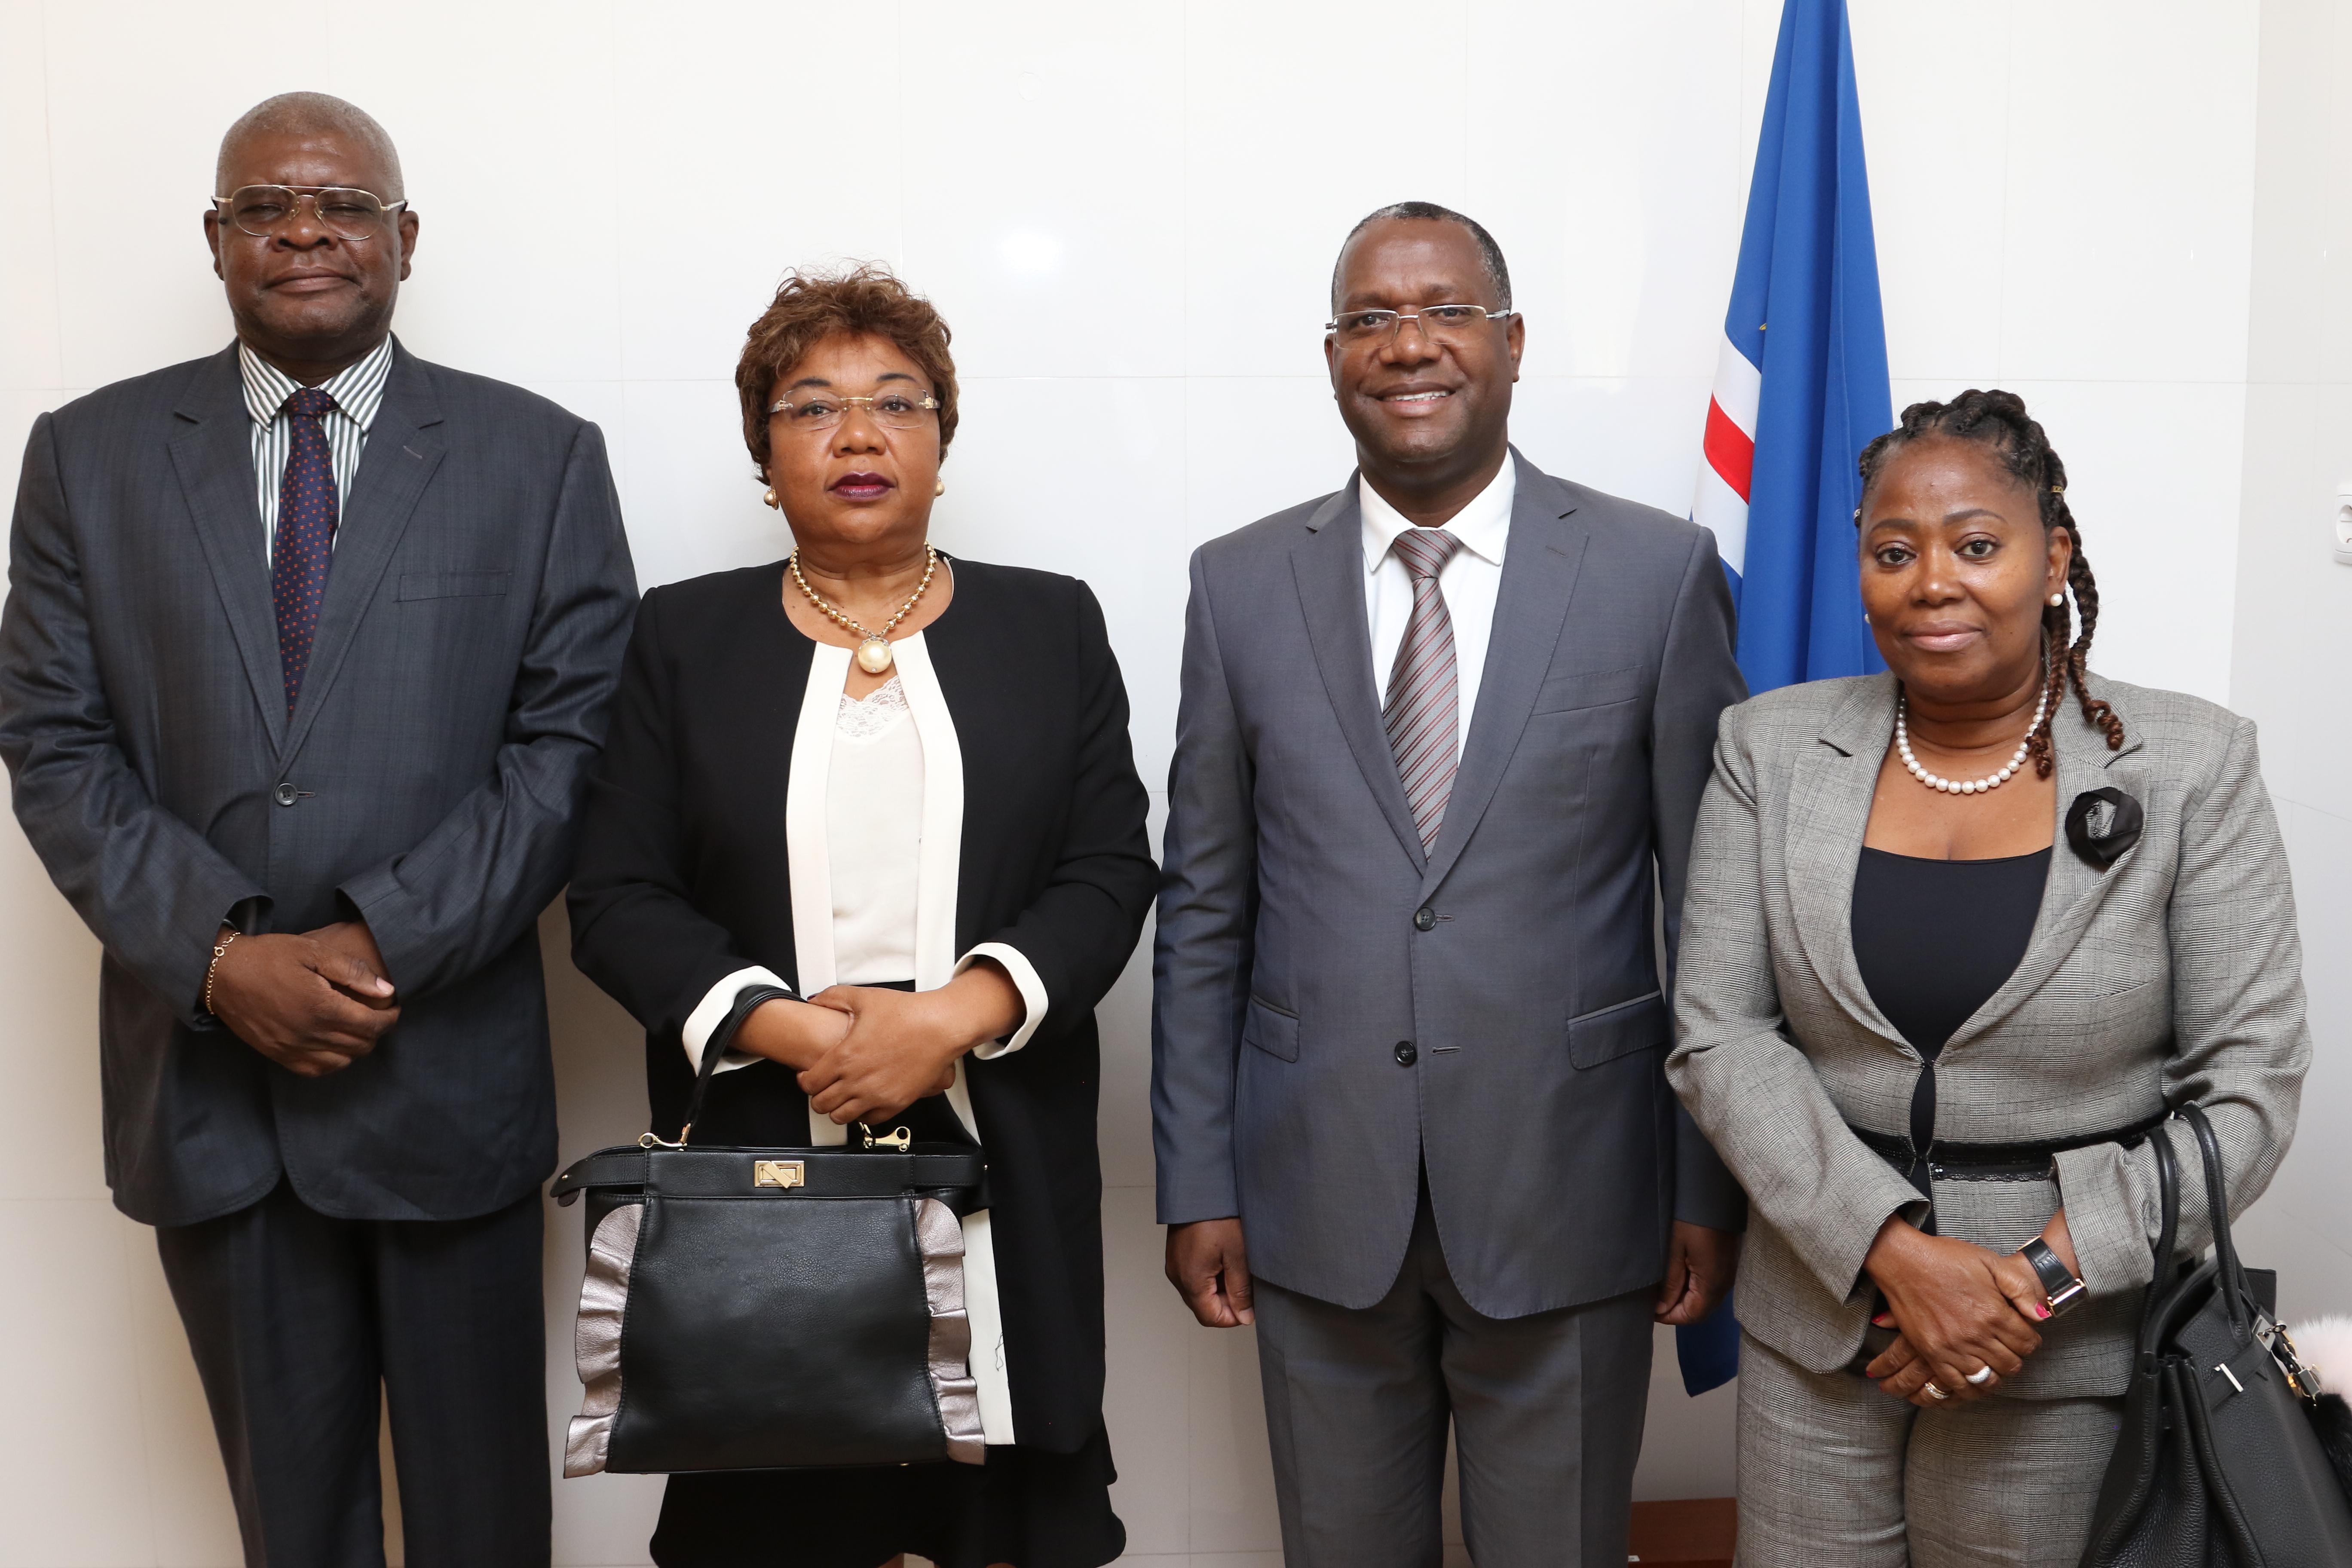 Visita TC de Angola - Foto Oficial